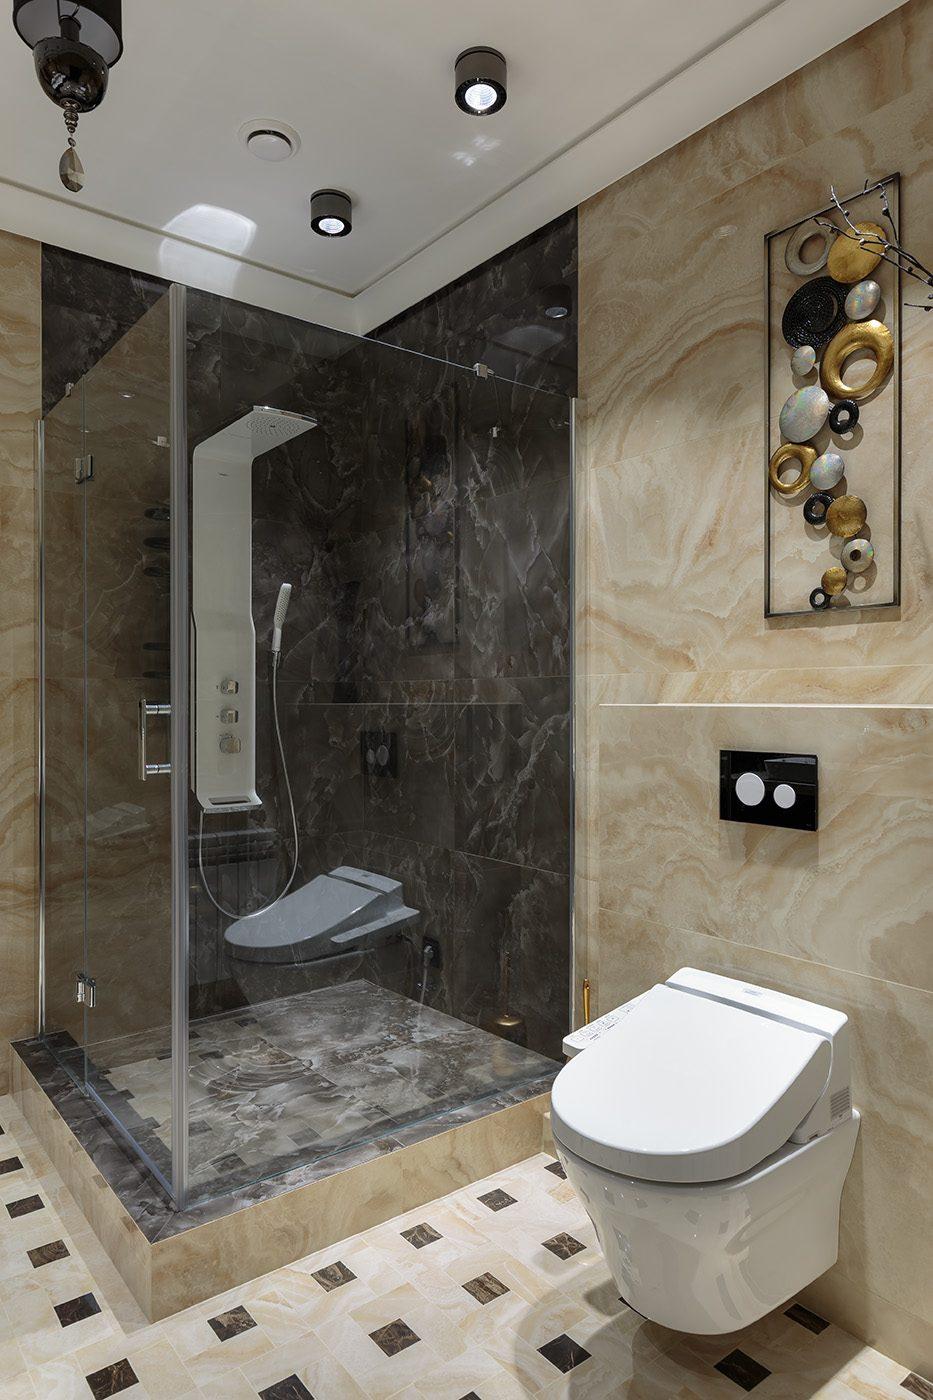 Дизайн ванной комнаты с отделкой под мрамор